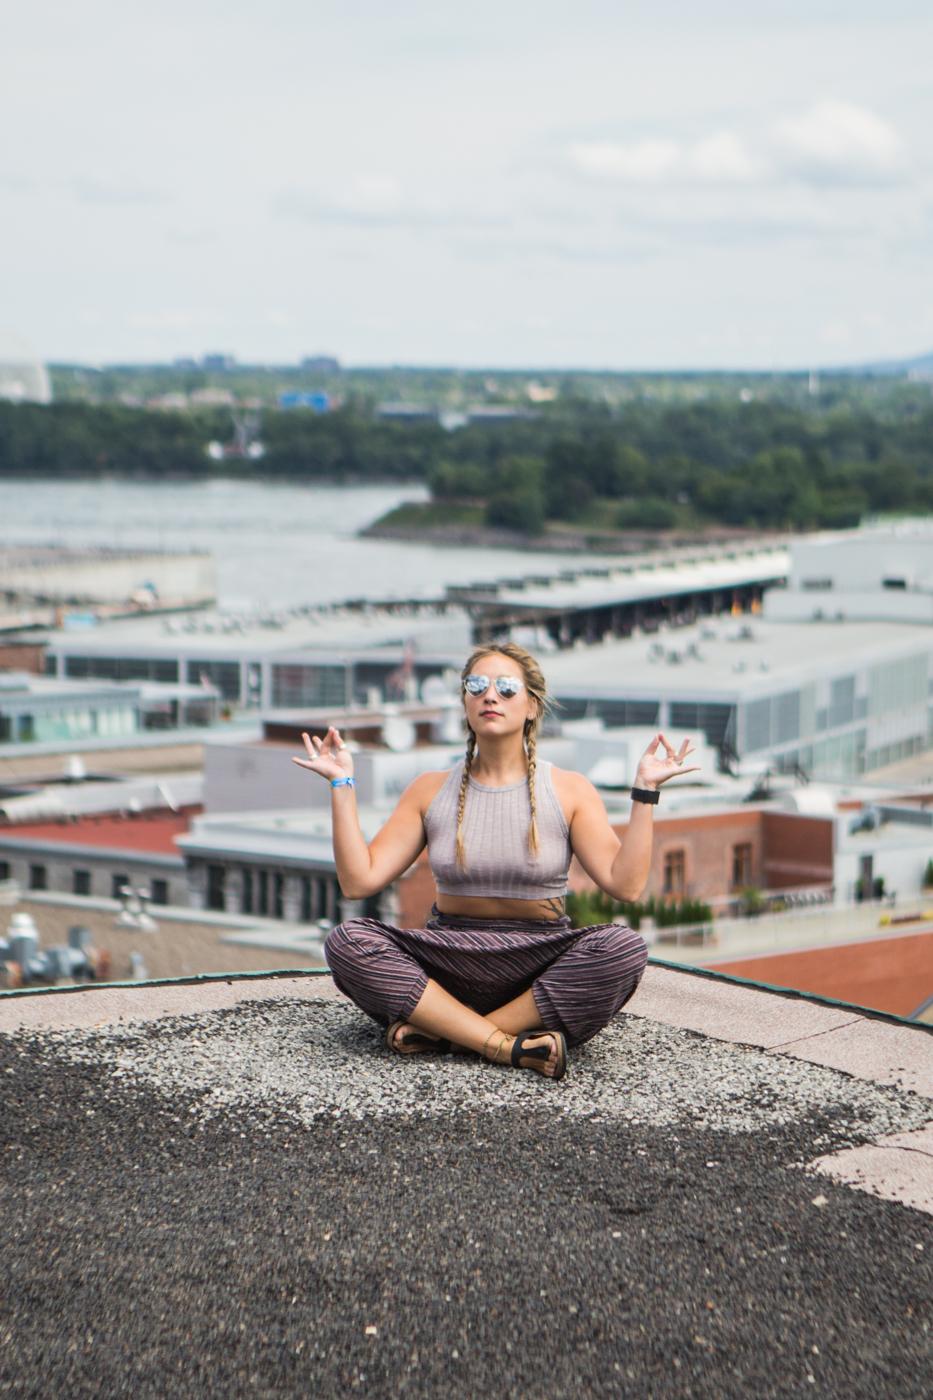 Bolandia_Blog_Montreal-Osheaga-Niagara-Falls-4042.jpg